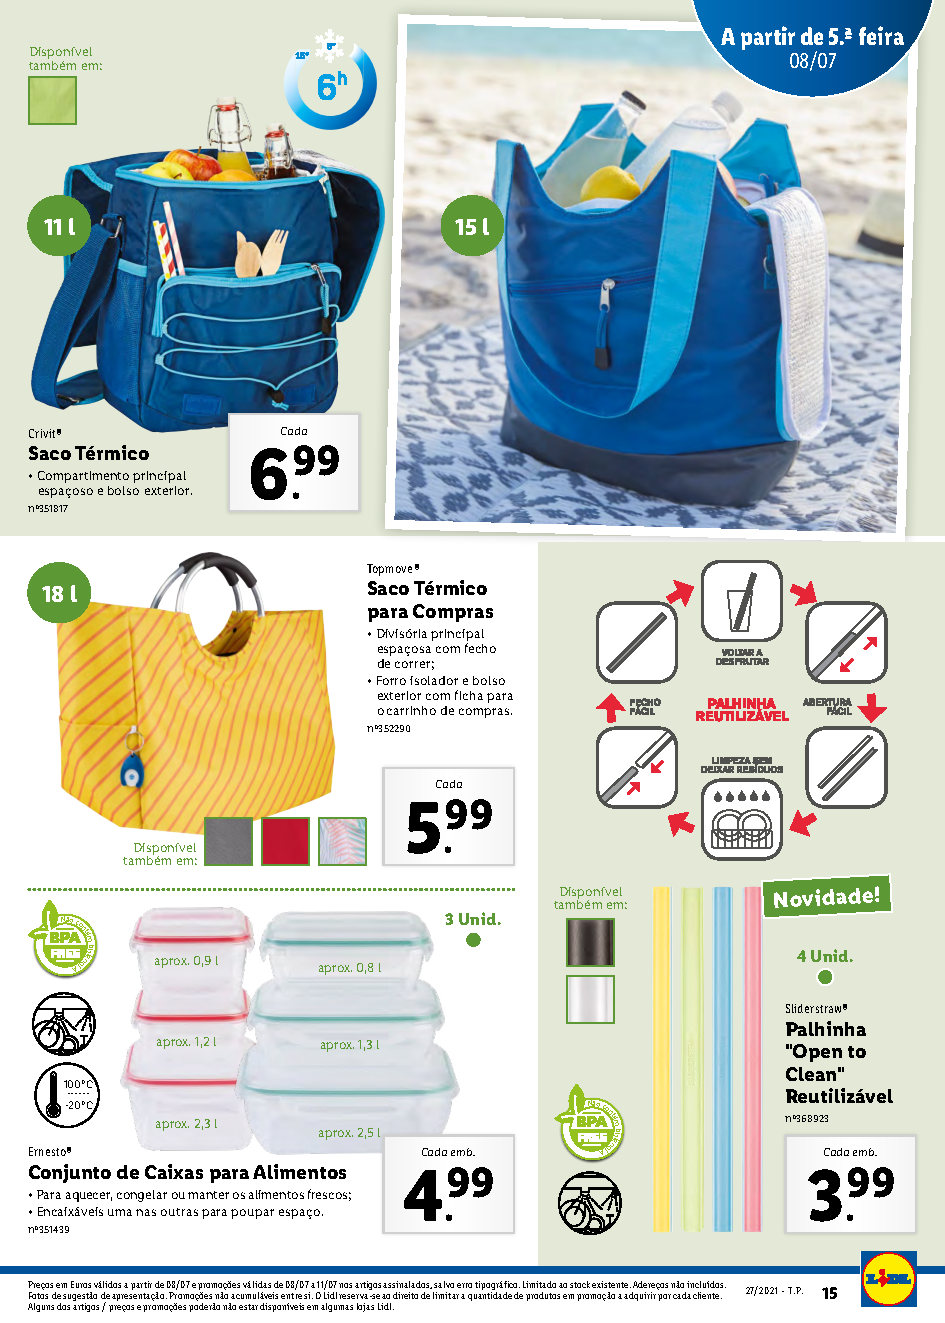 bazar folheto lidl 5 julho 11 julho bazar 2021 promocoes Page15 1